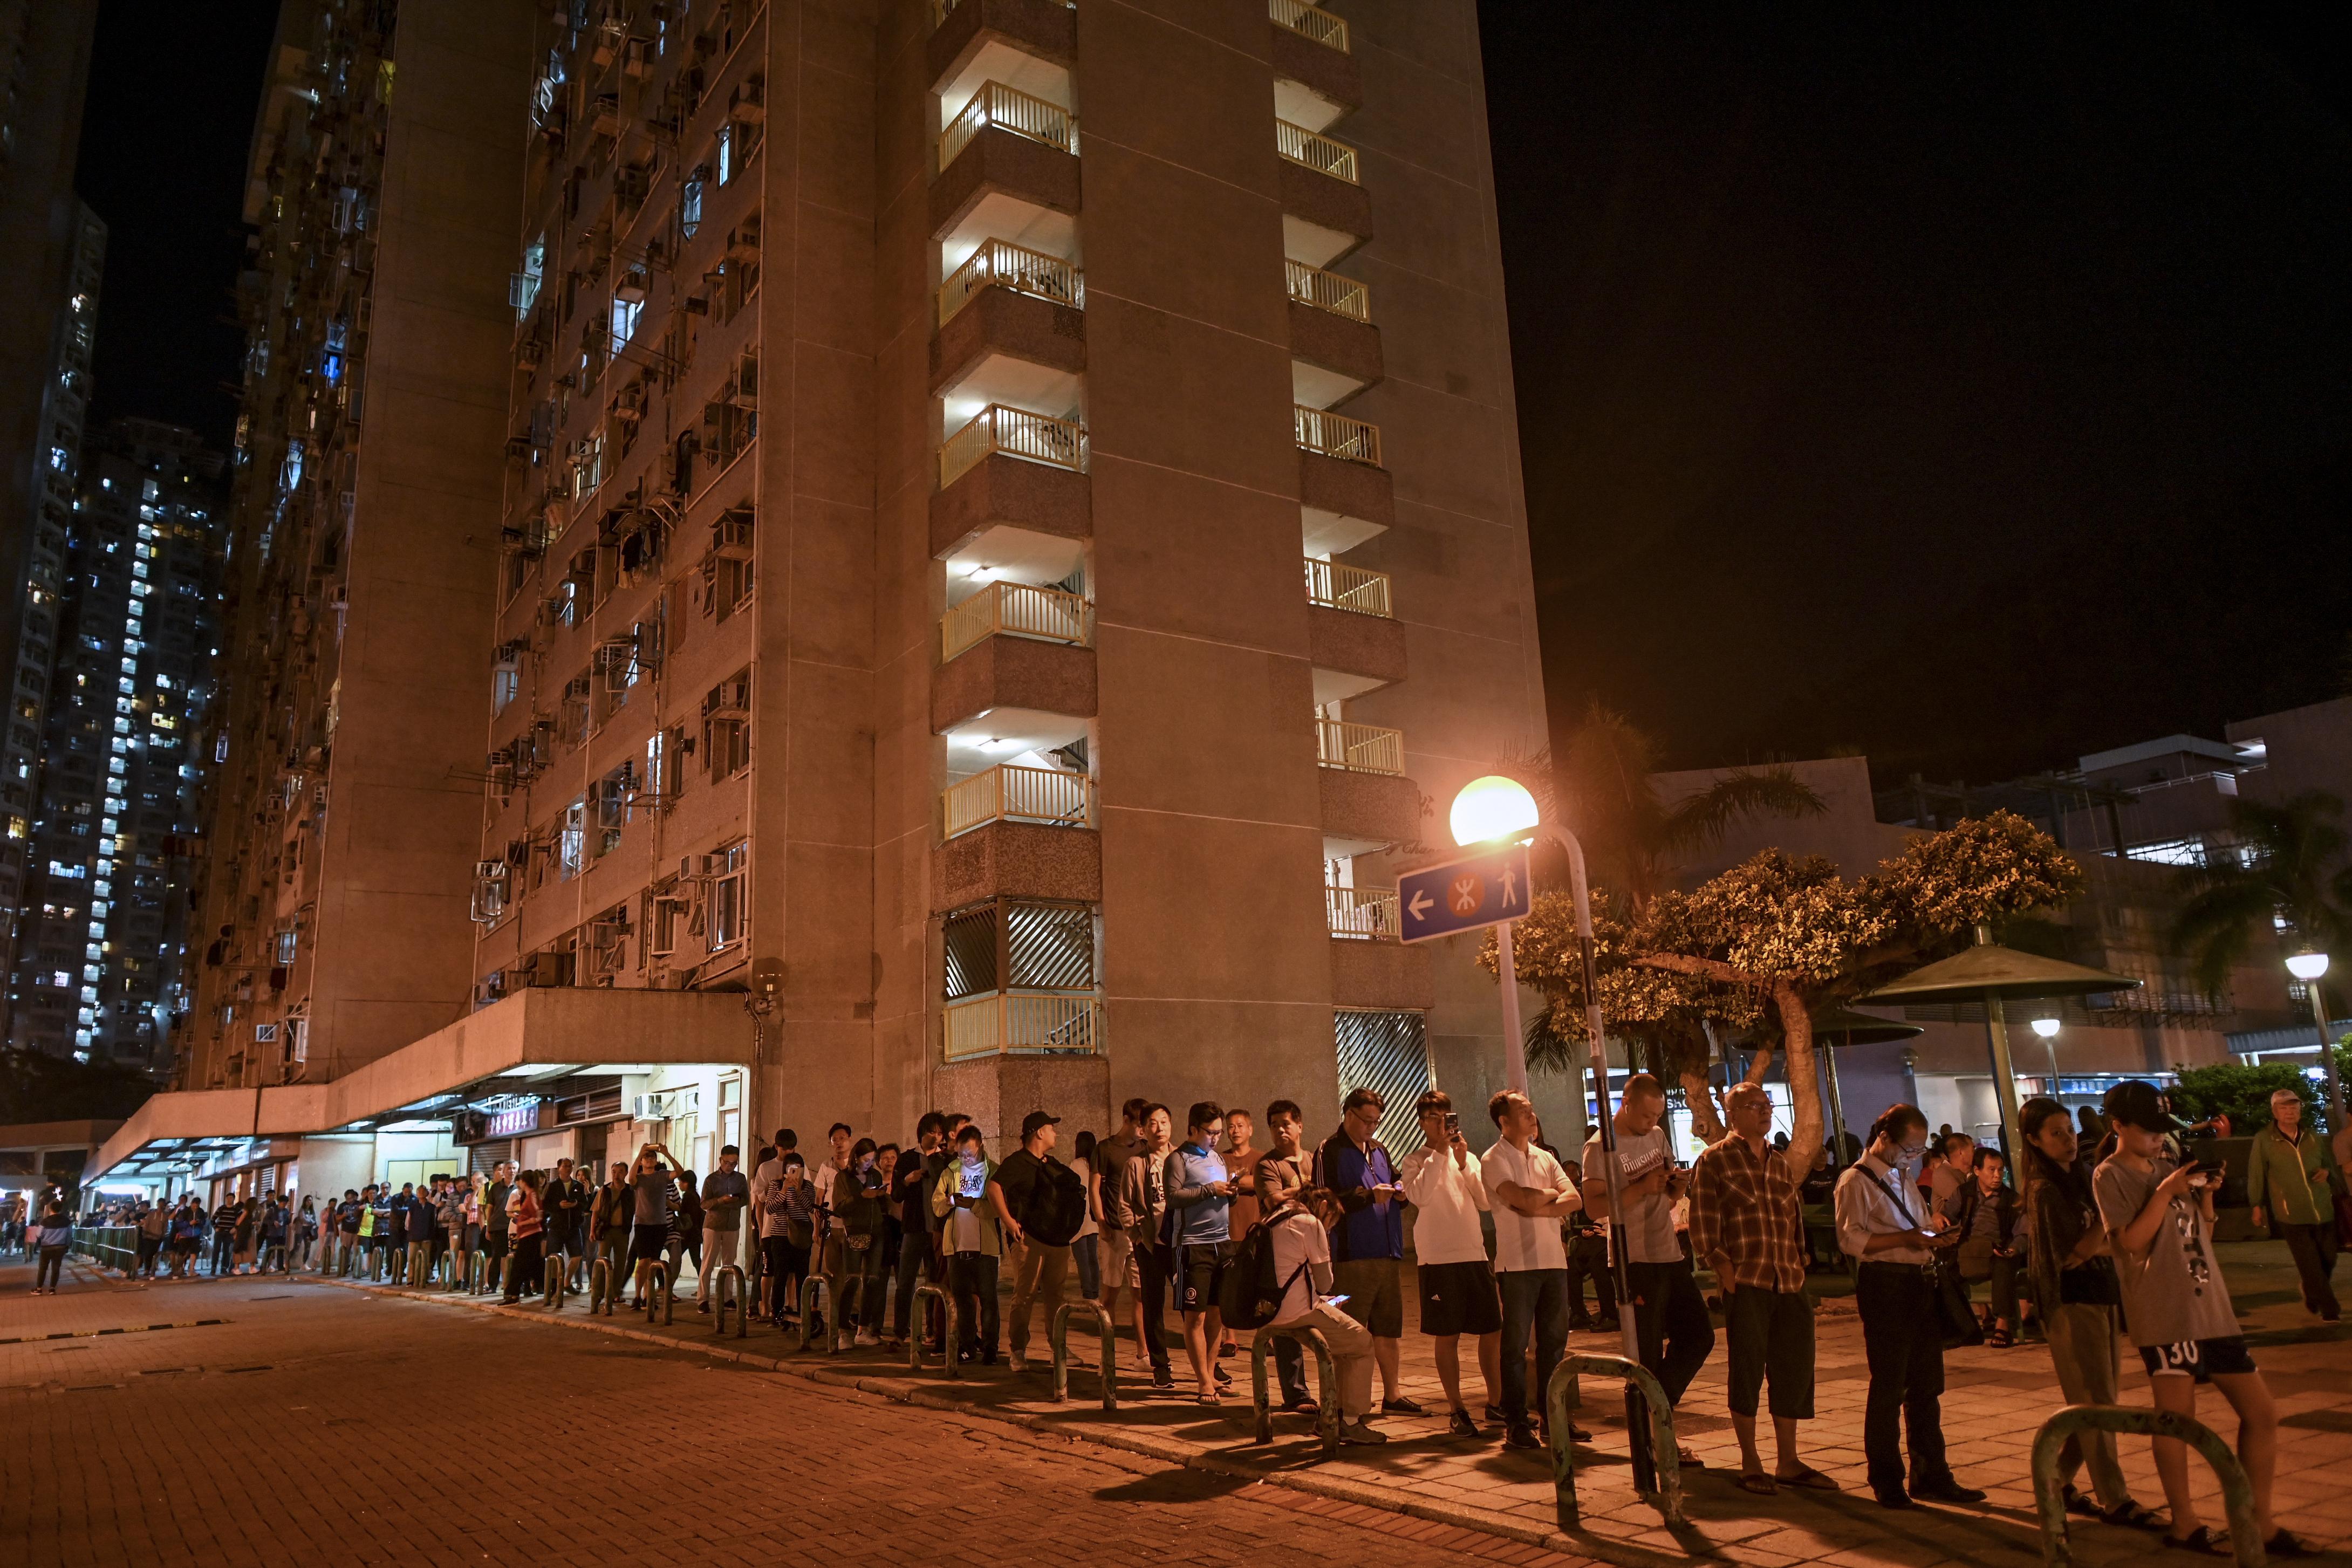 إقبال قياسي في الانتخابات المحلية في هونغ كونغ